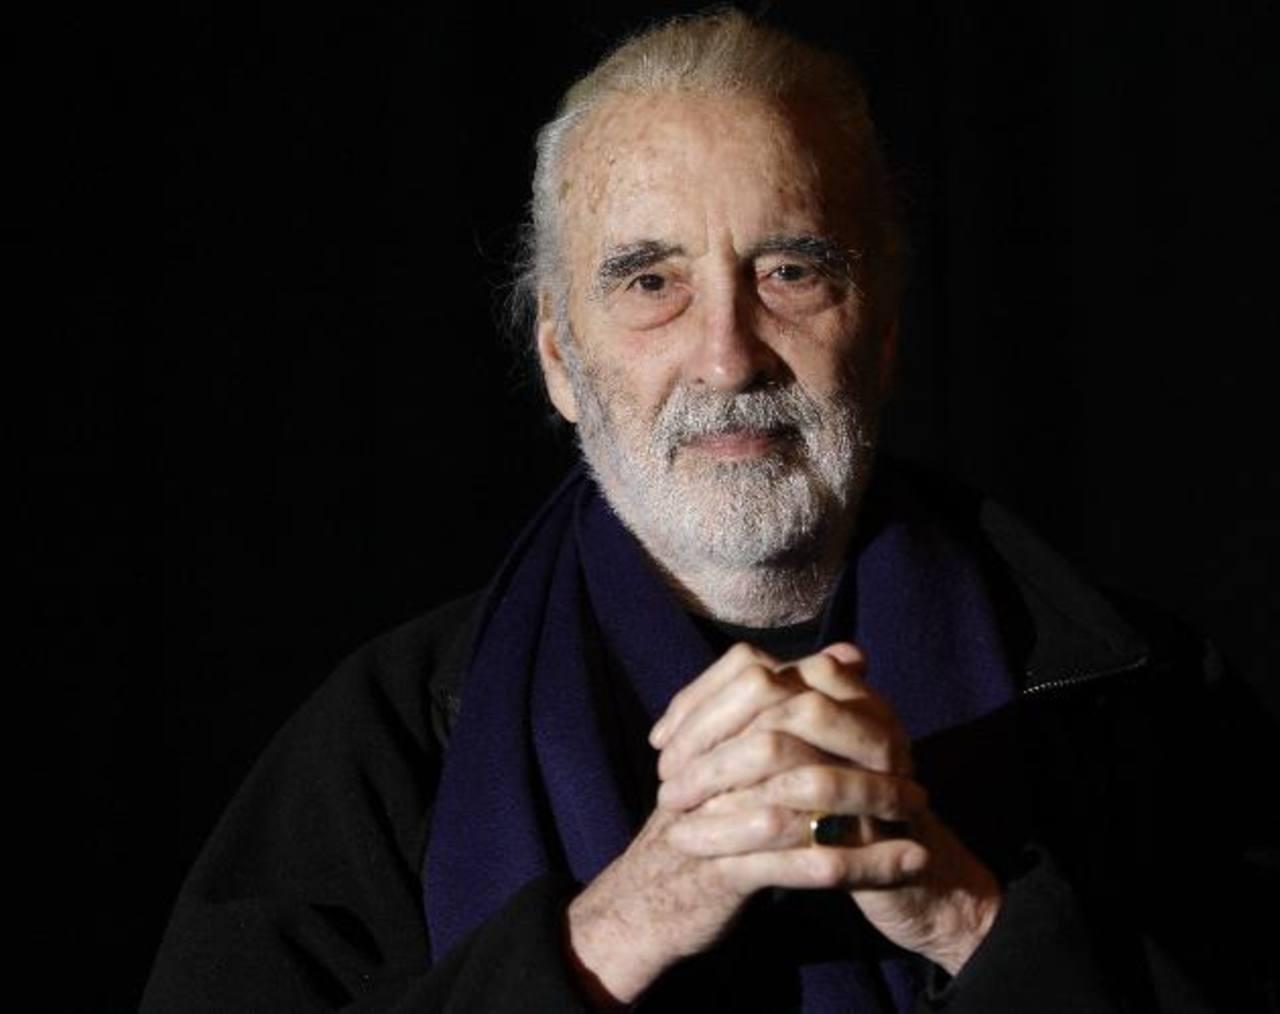 """El actor británico falleció el domingo 7 de junio a causa de un problema respiratorio. El también músico y amante del heavy metal dejará un legado que cautivará a otras generaciones. Christopher Lee será recordado por darle vida al mago Saruman en """"E"""